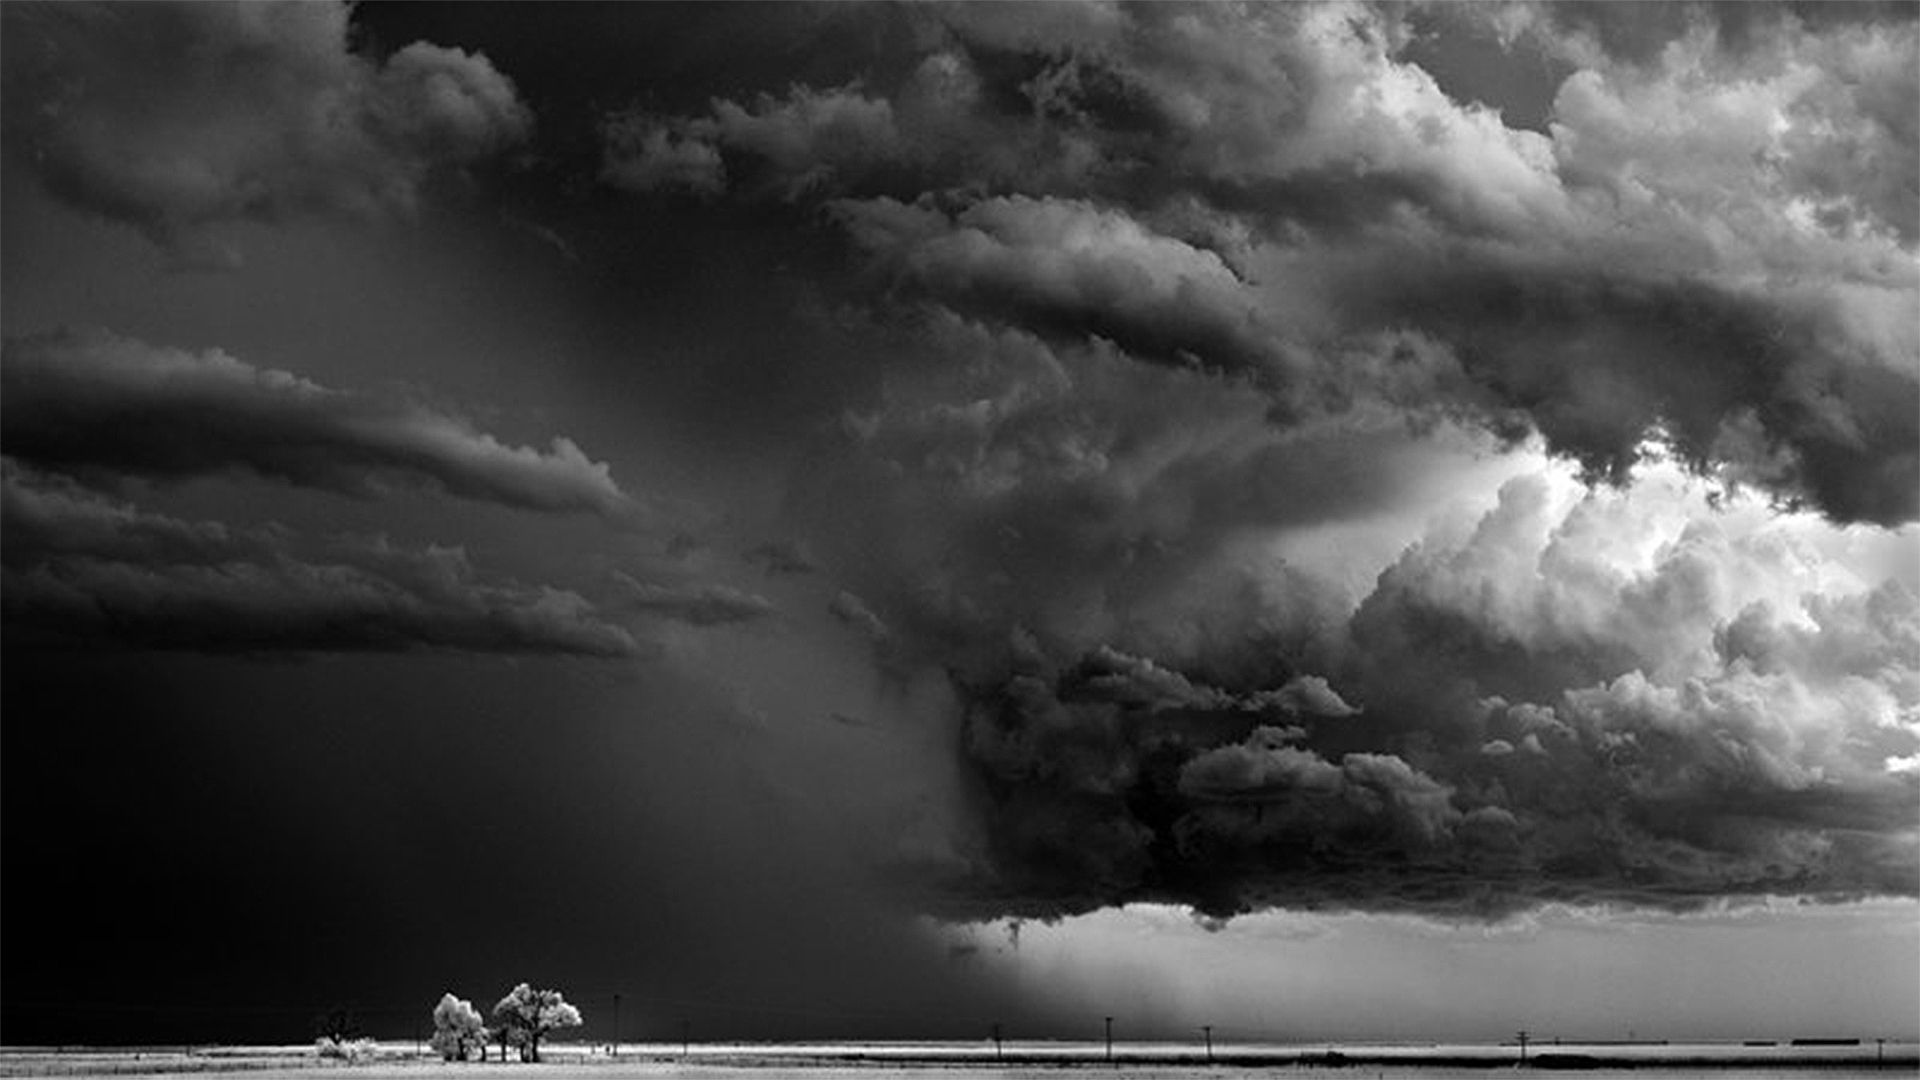 Döbbenetes felhőfotókat készít az amerikai fotós